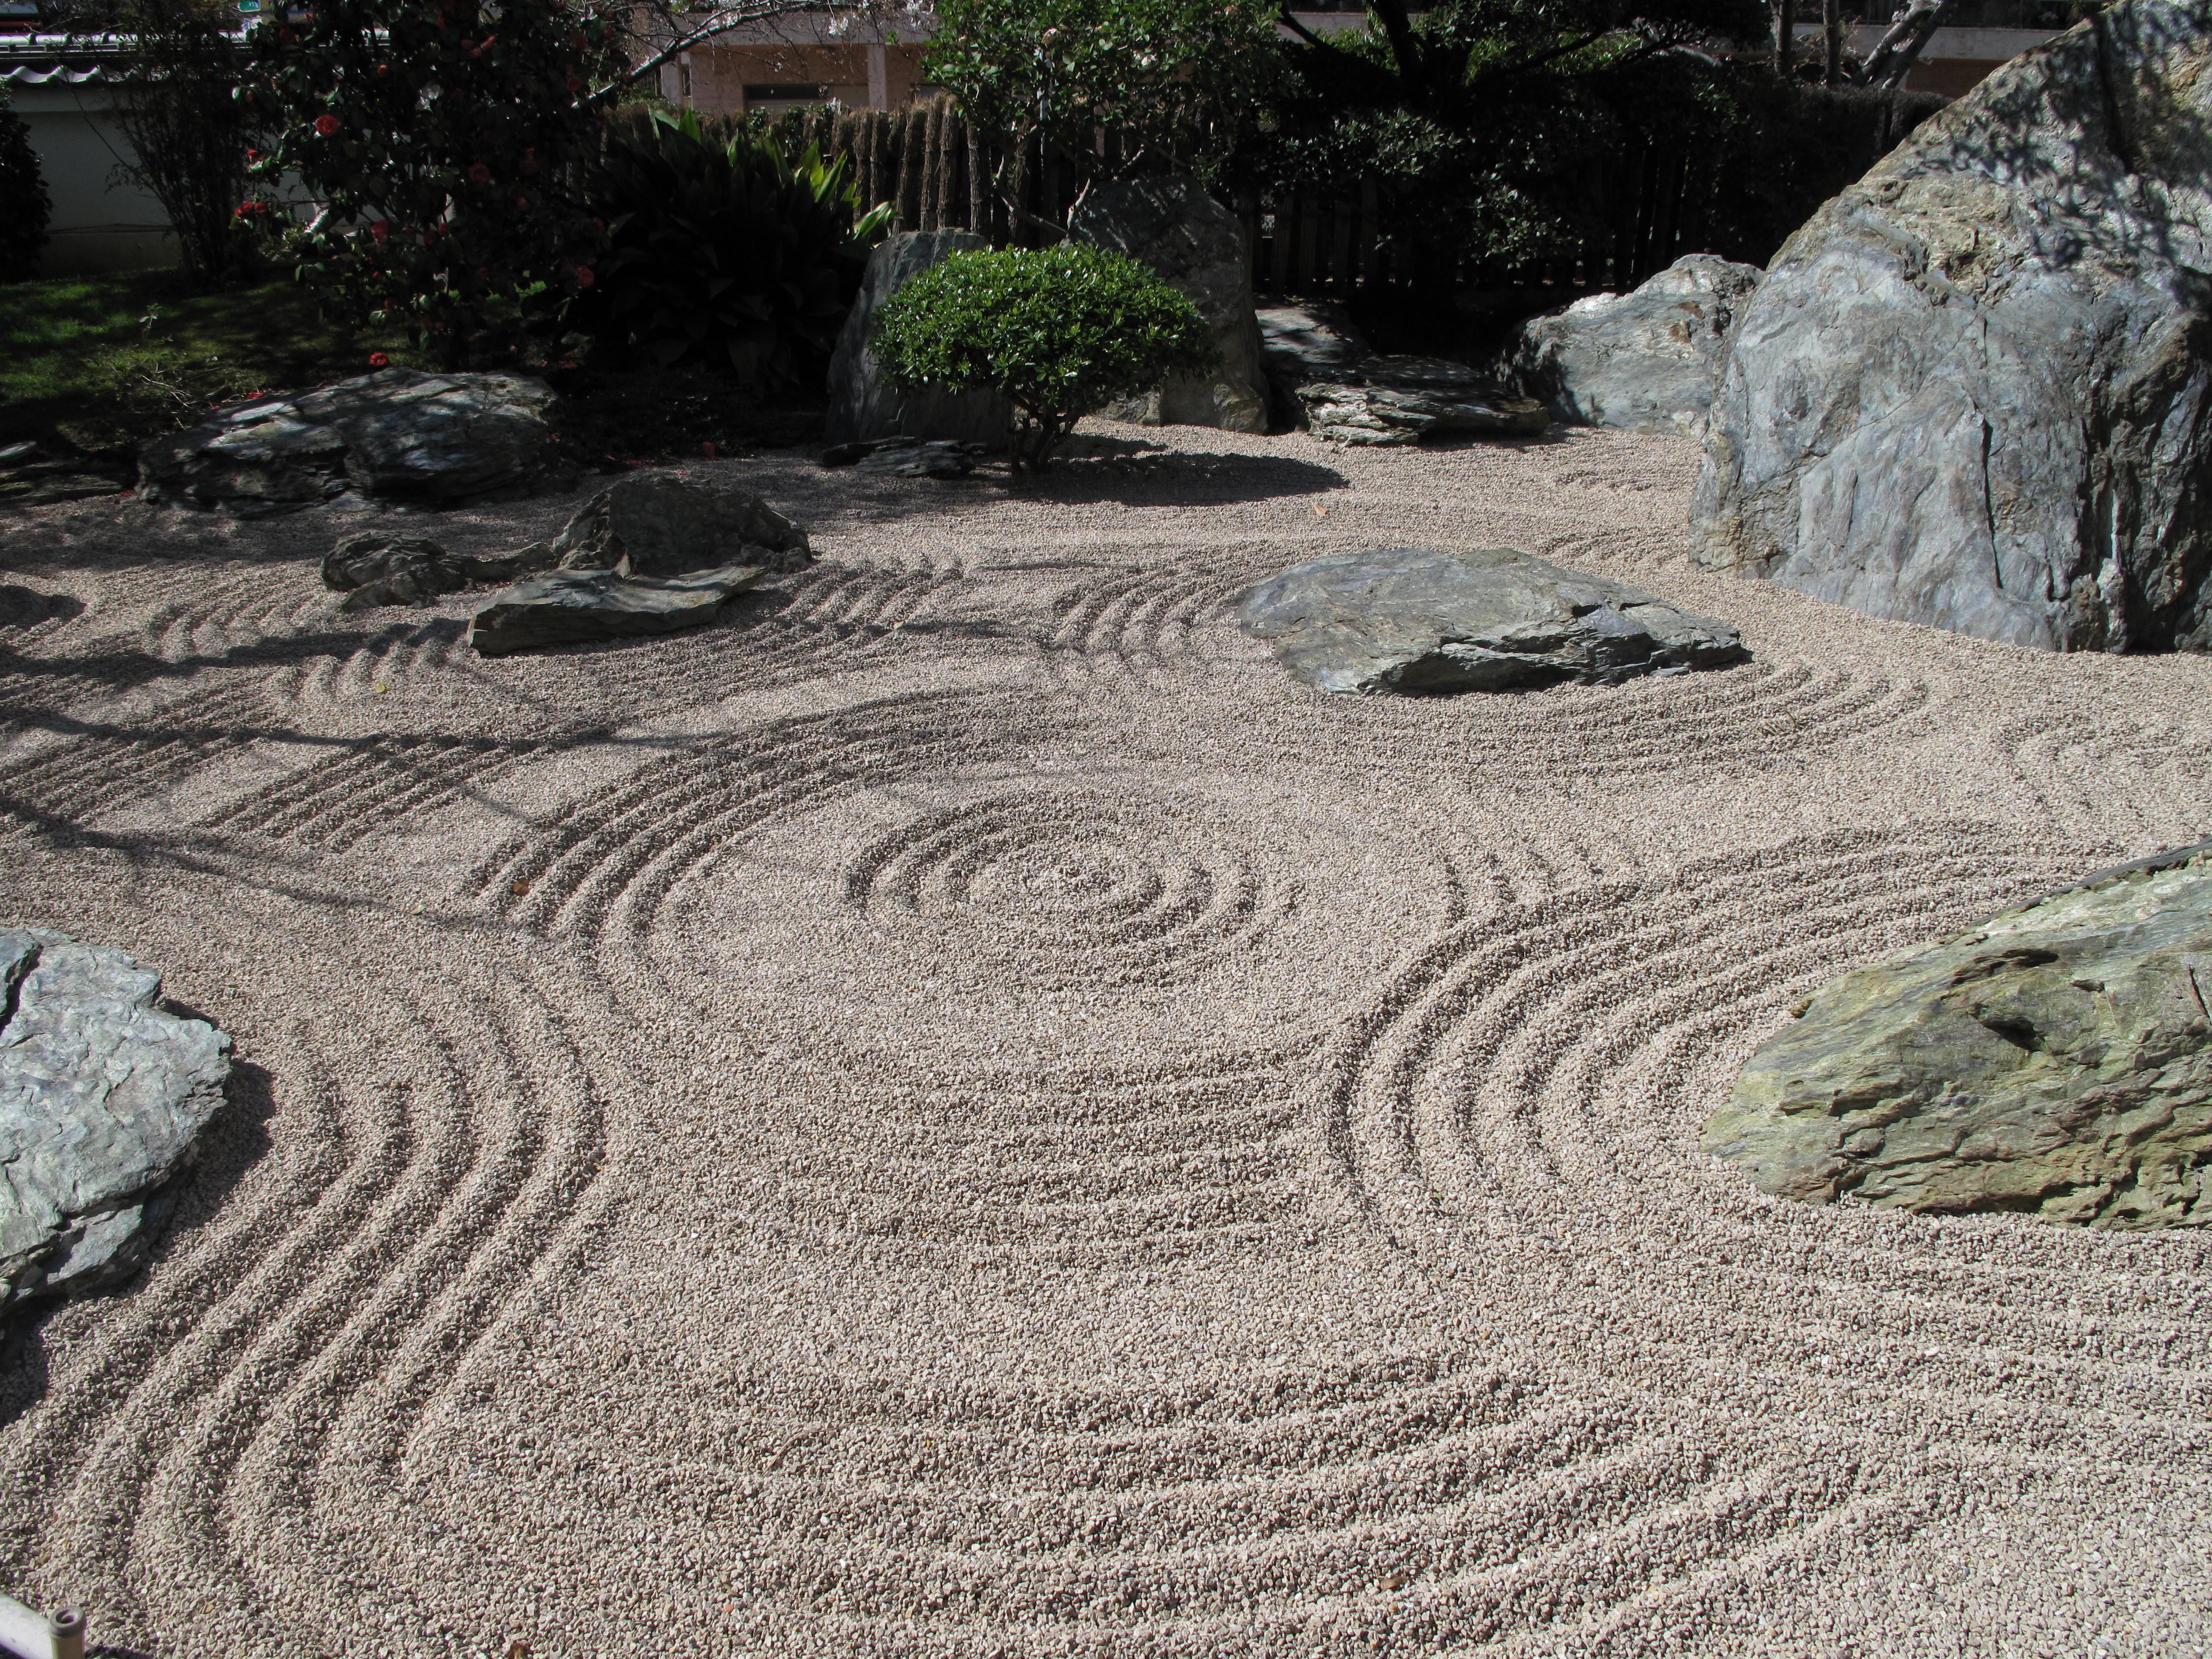 http://upload.wikimedia.org/wikipedia/commons/e/ed/Japanese_garden_Monaco3.jpg